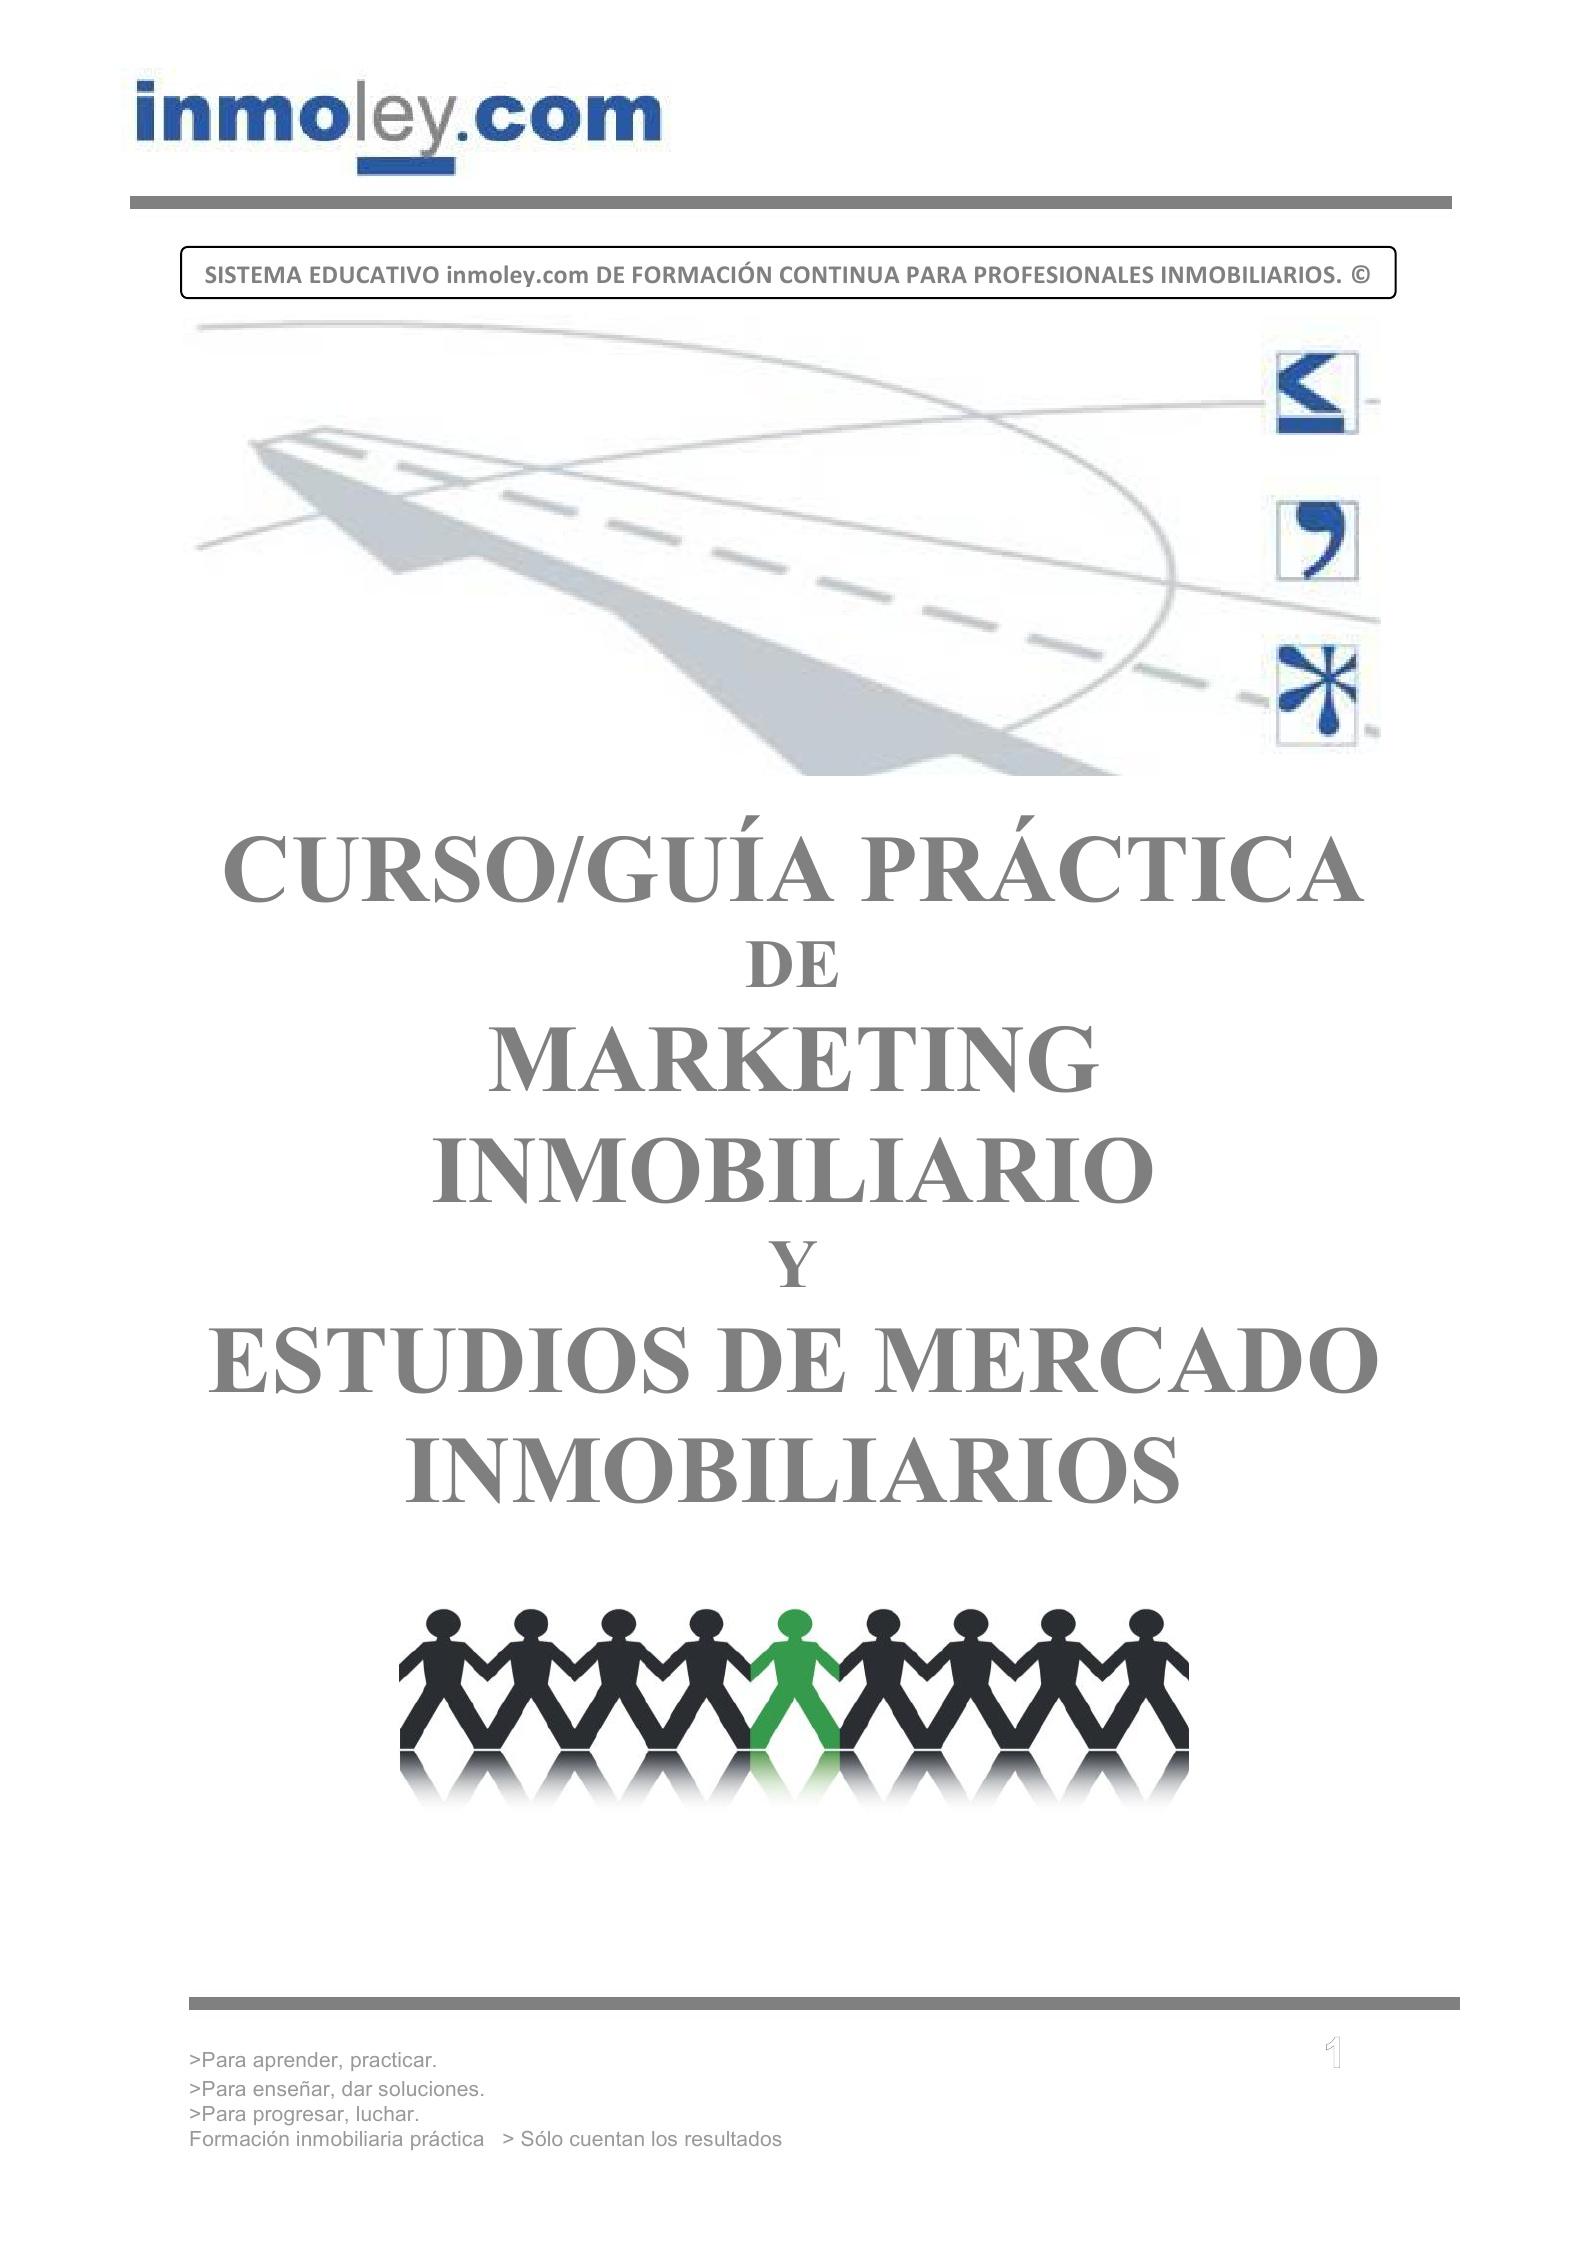 MARKETING INMOBILIARIO Y ESTUDIOS DE MERCADO INMOBILIARIO